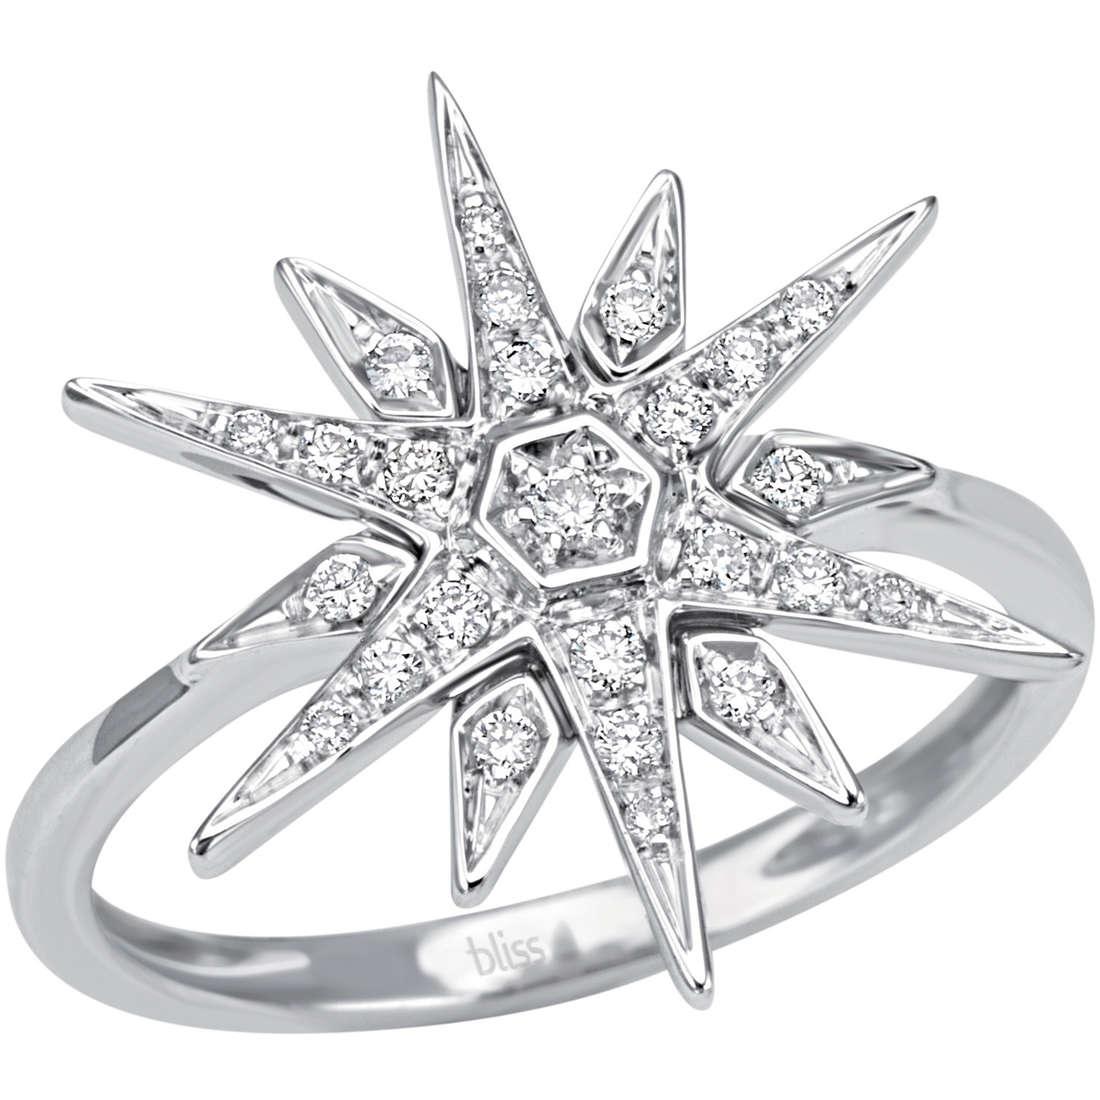 anello donna gioielli Bliss Shine 20069910